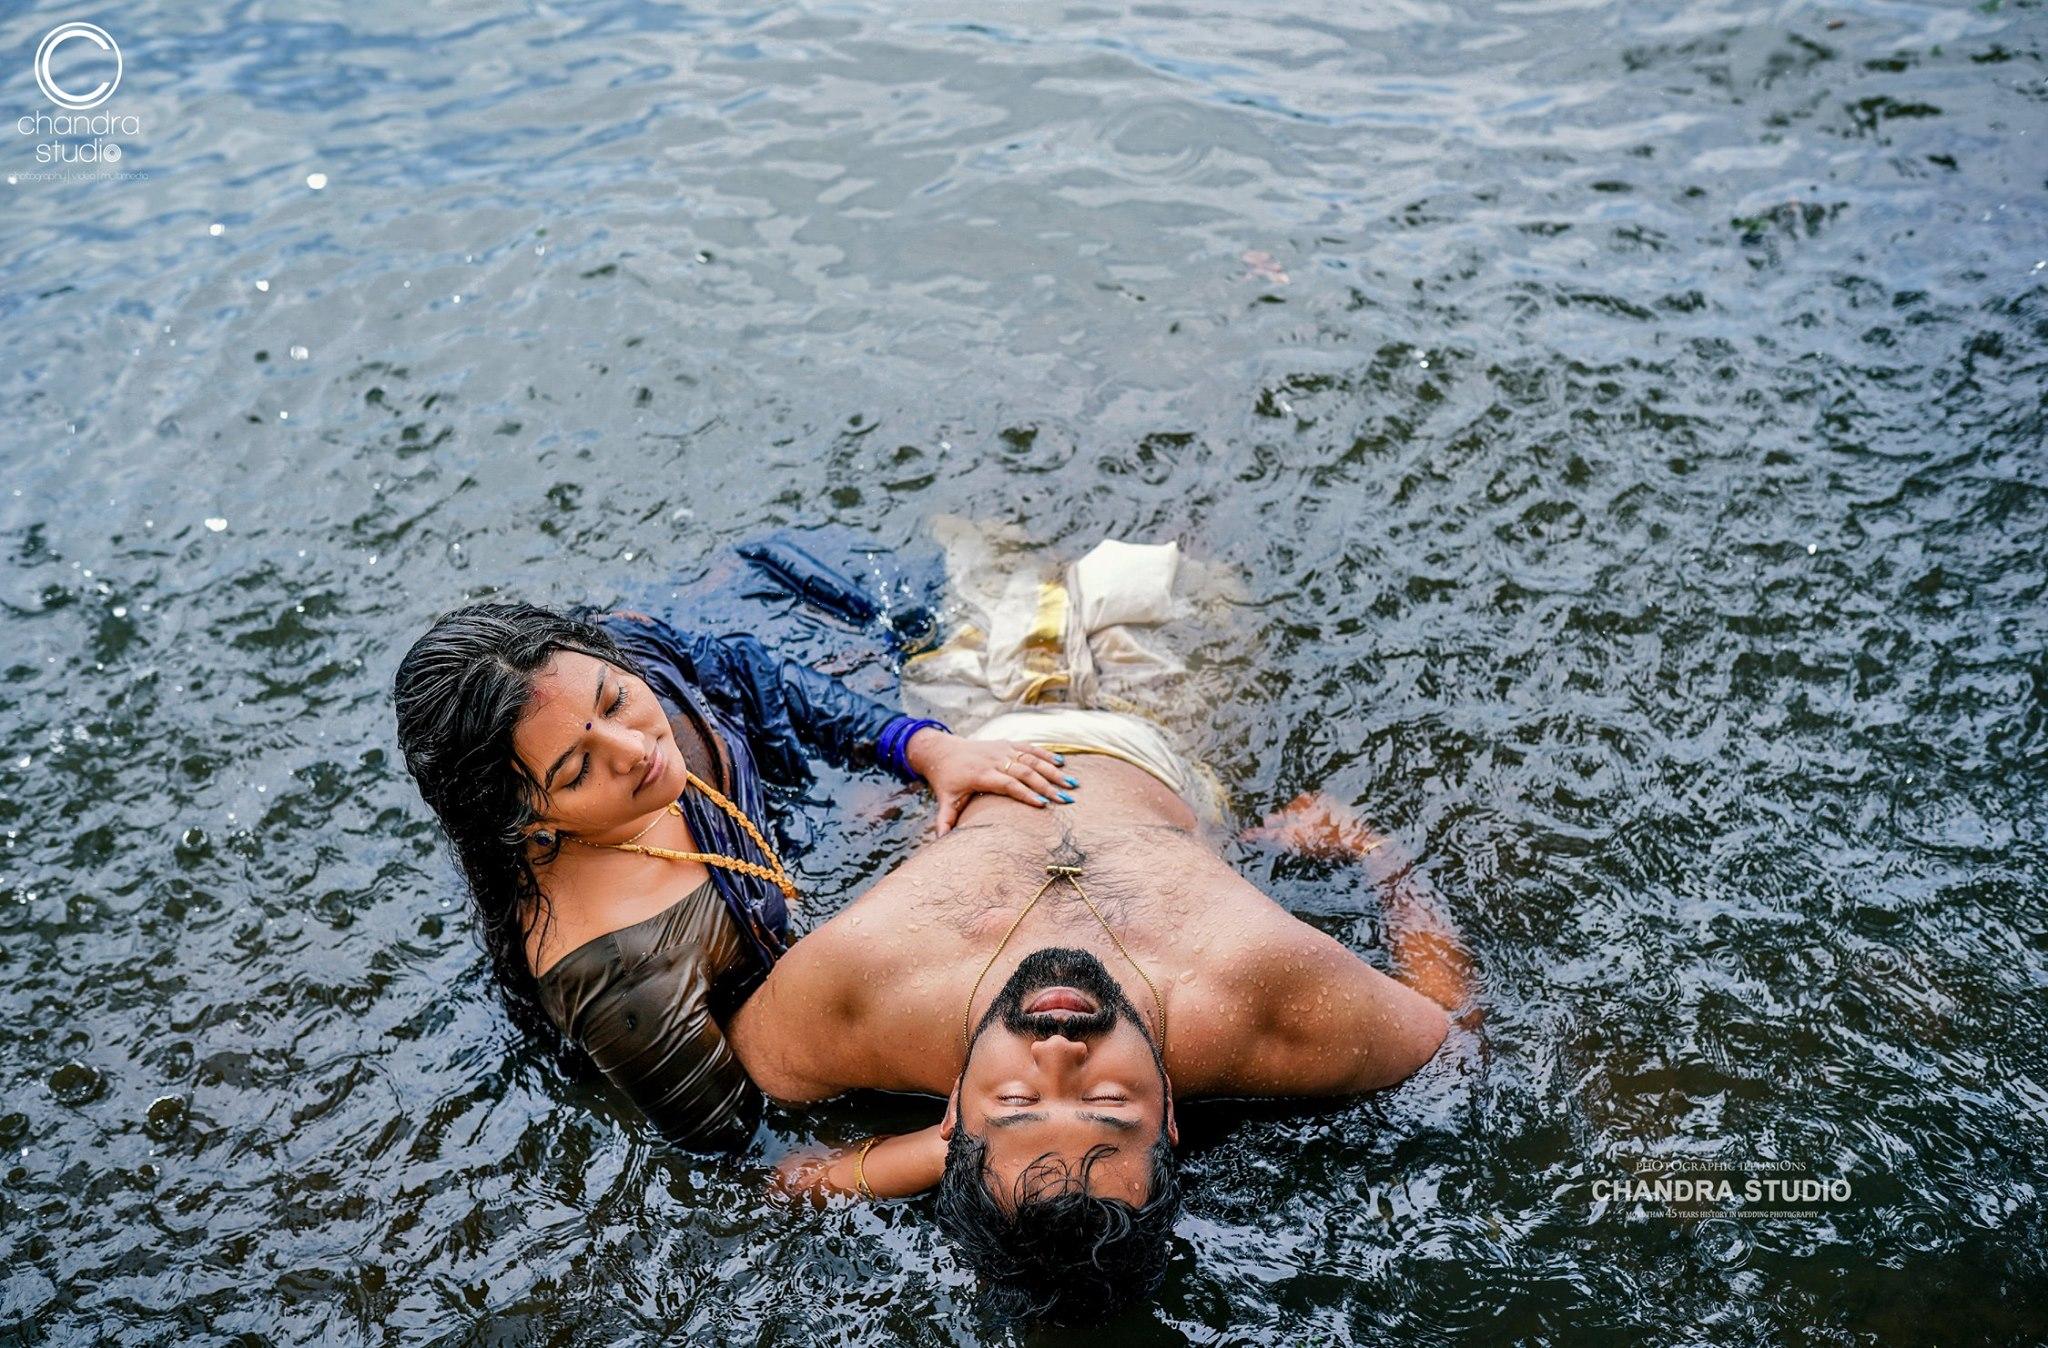 Sachin and Chandra Photoshoot 11